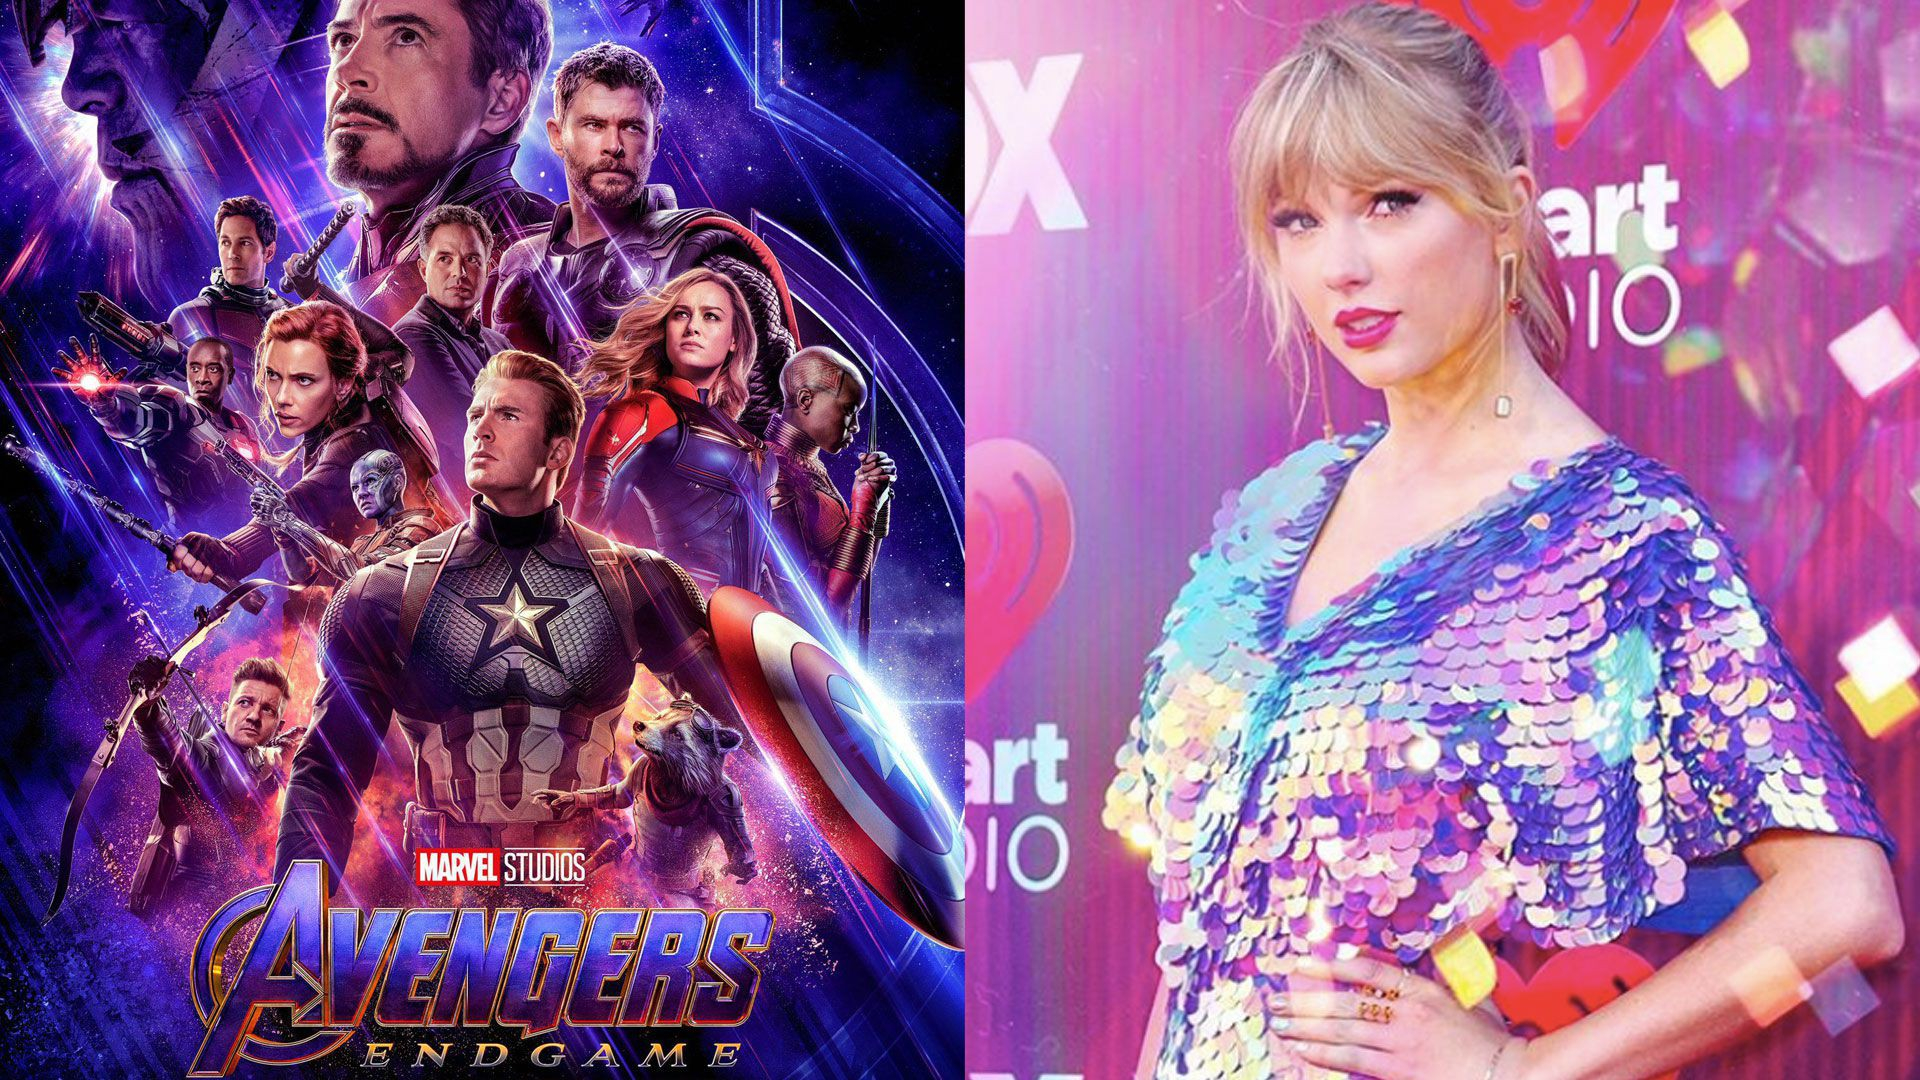 5 thuyết âm mưu của Thúy Loan Taylor Swift khi chọn comeback trùng ngày ra mắt bom tấn Endgame - Ảnh 4.